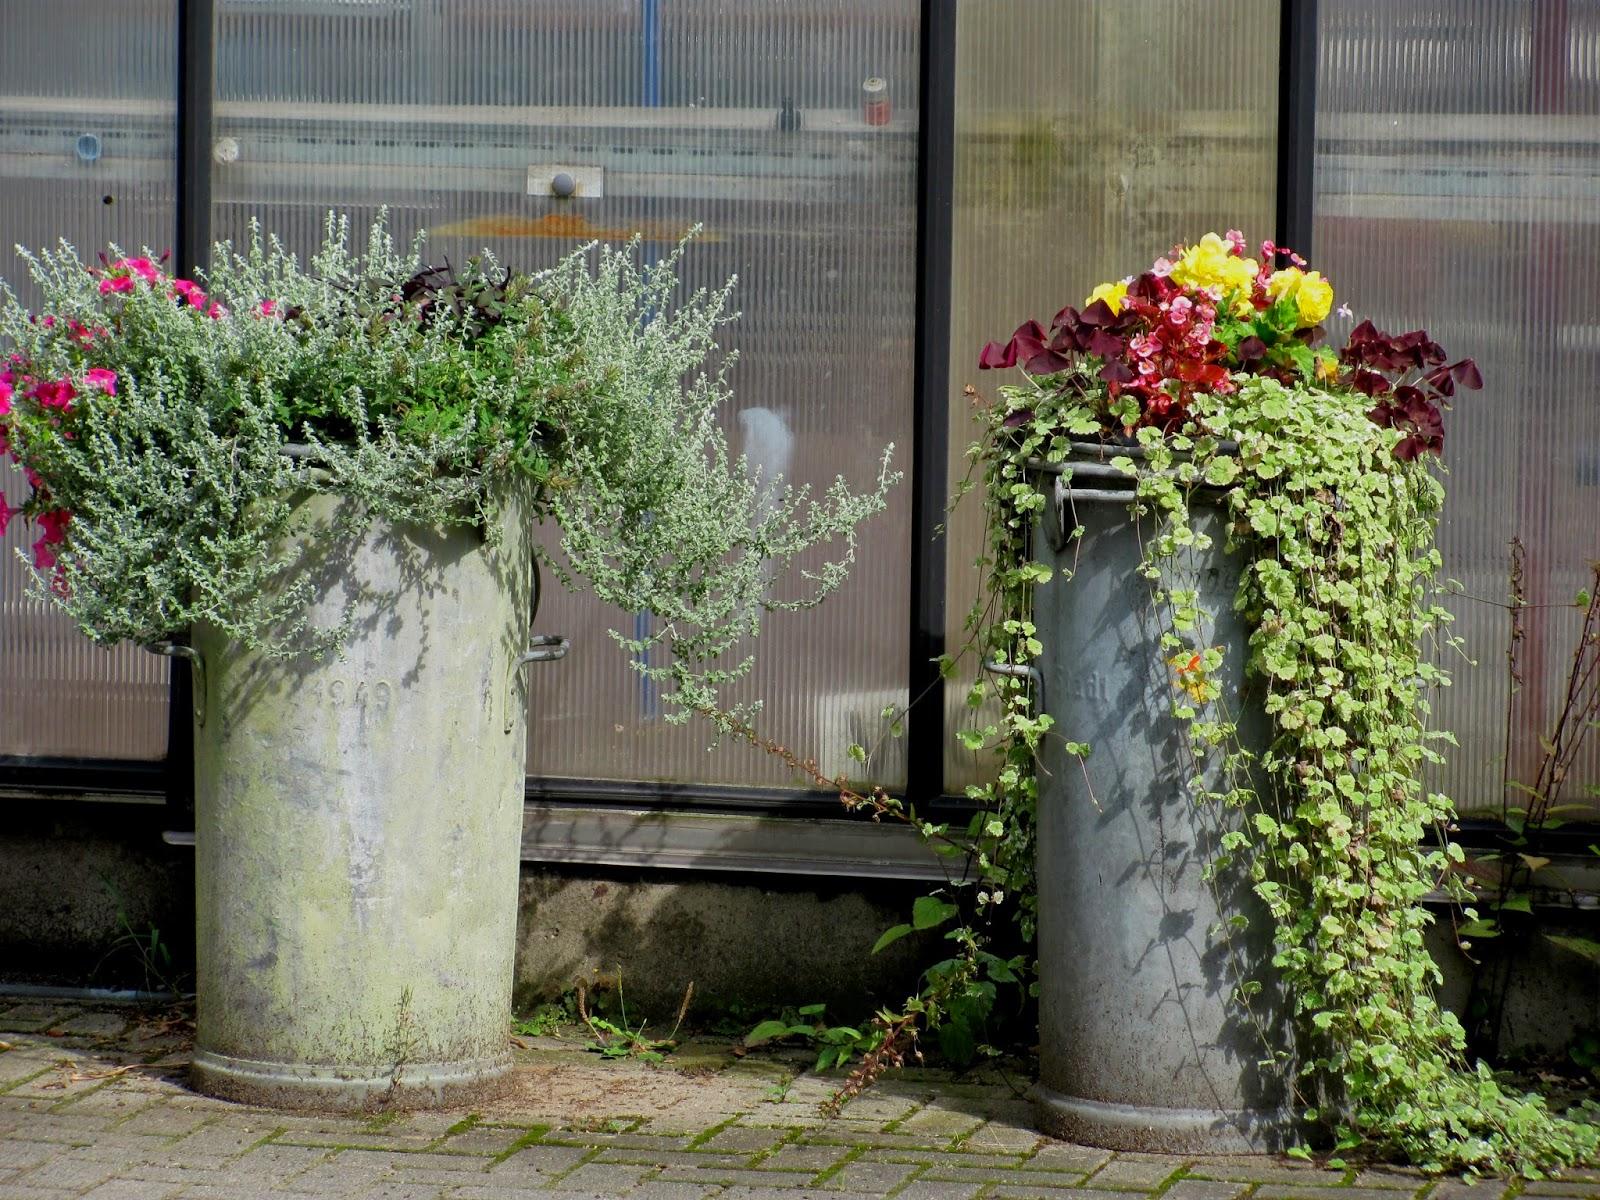 pflanzkubel | designmore, Gartengerate ideen